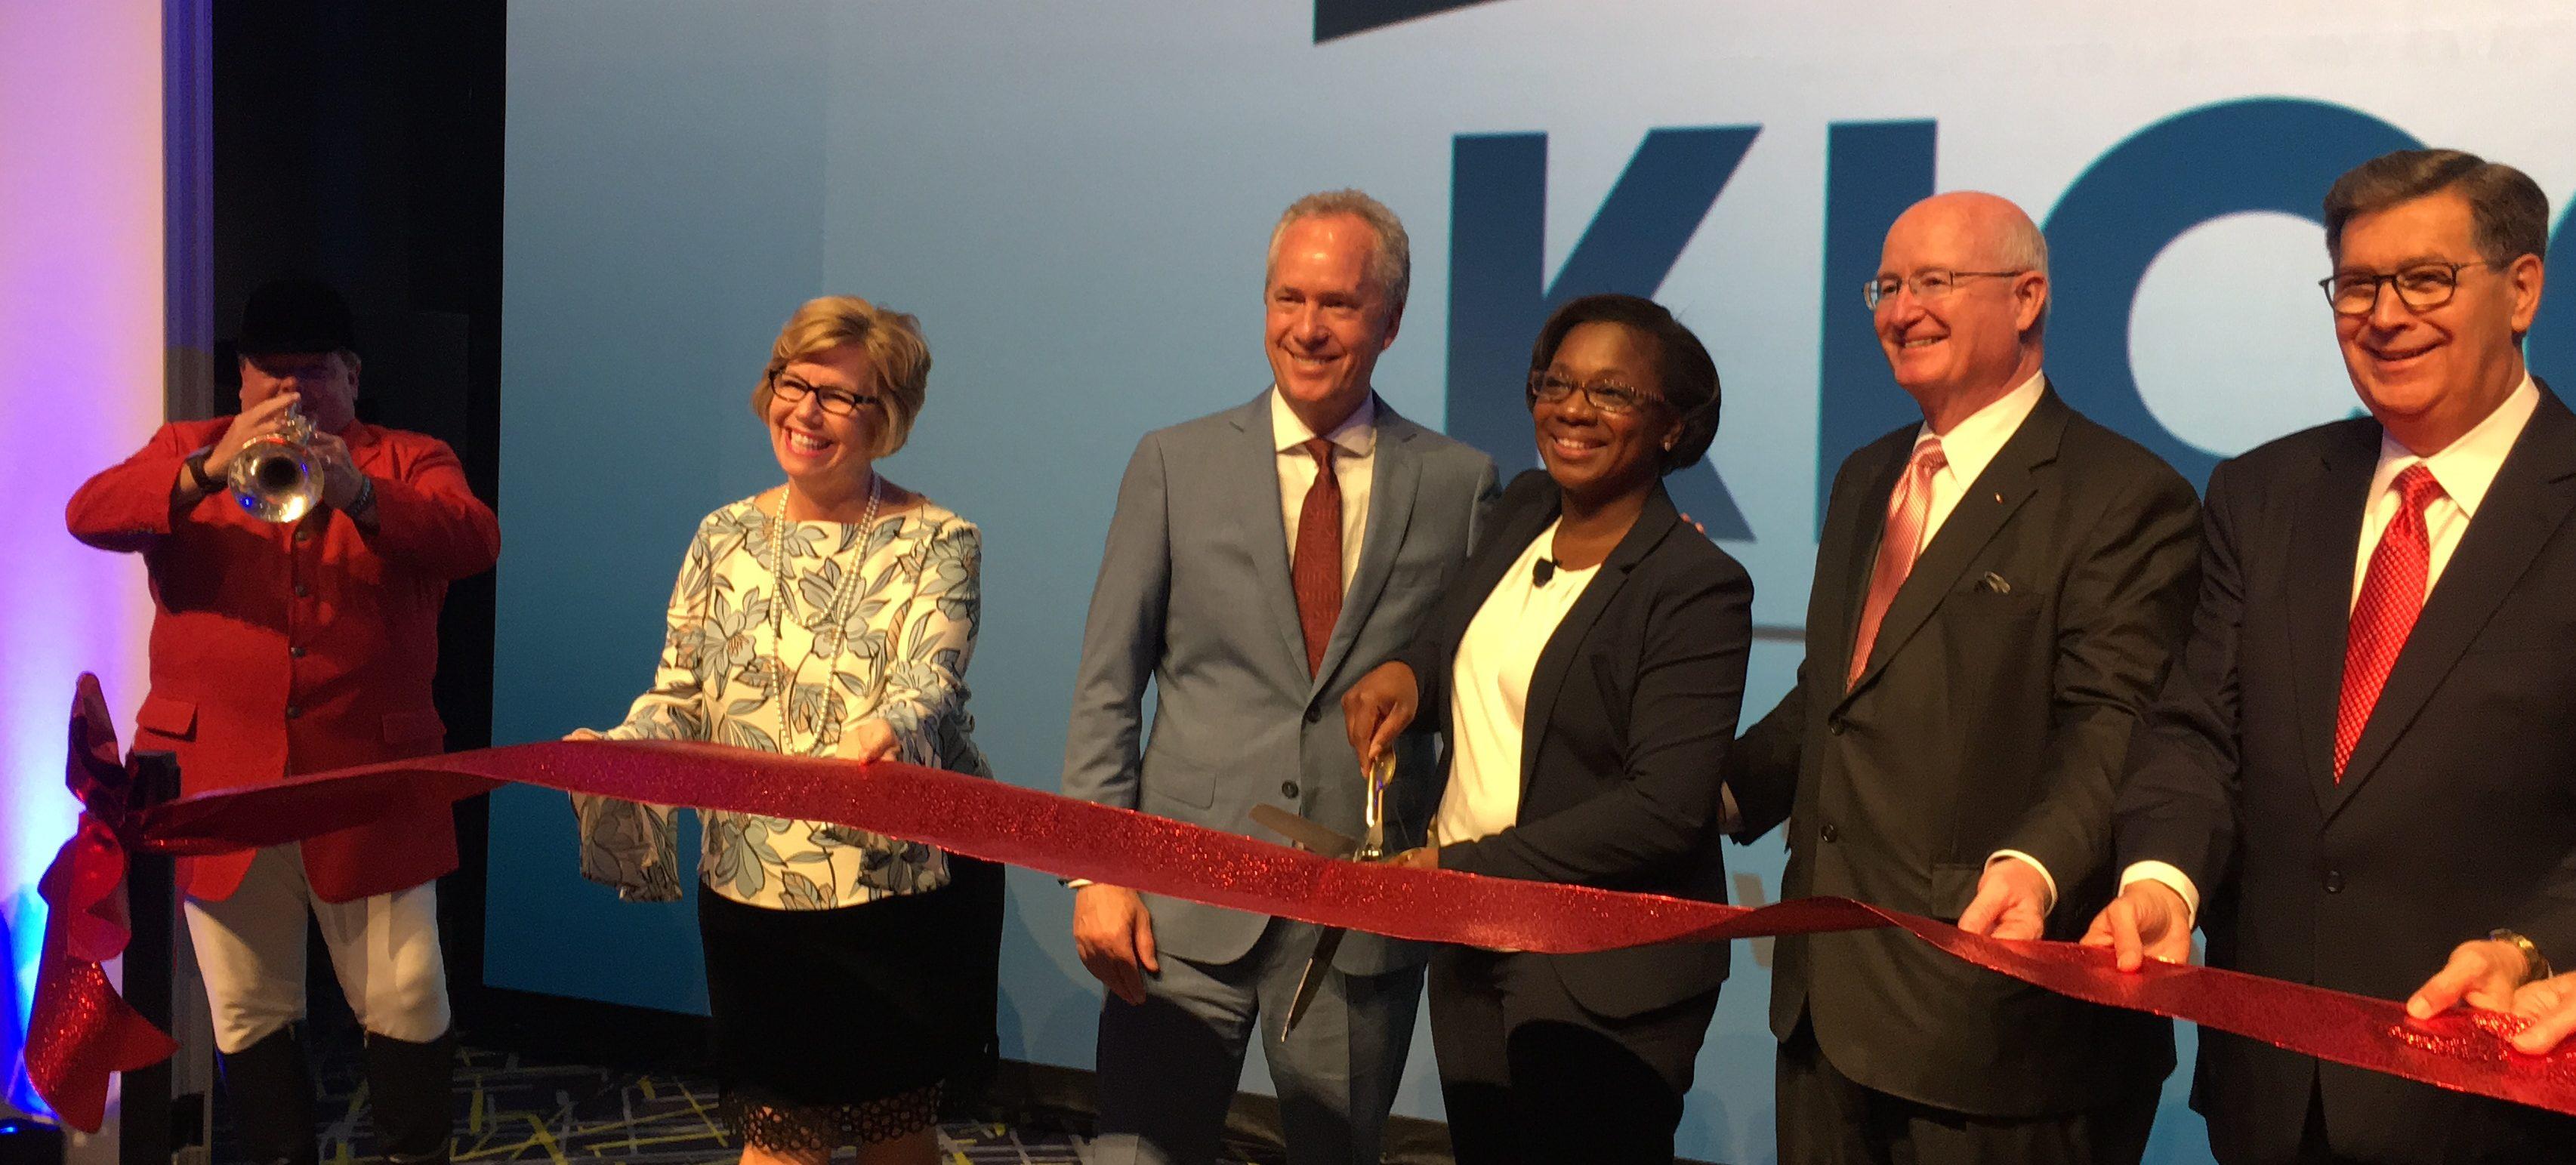 KICC Kentucky International Convention Center